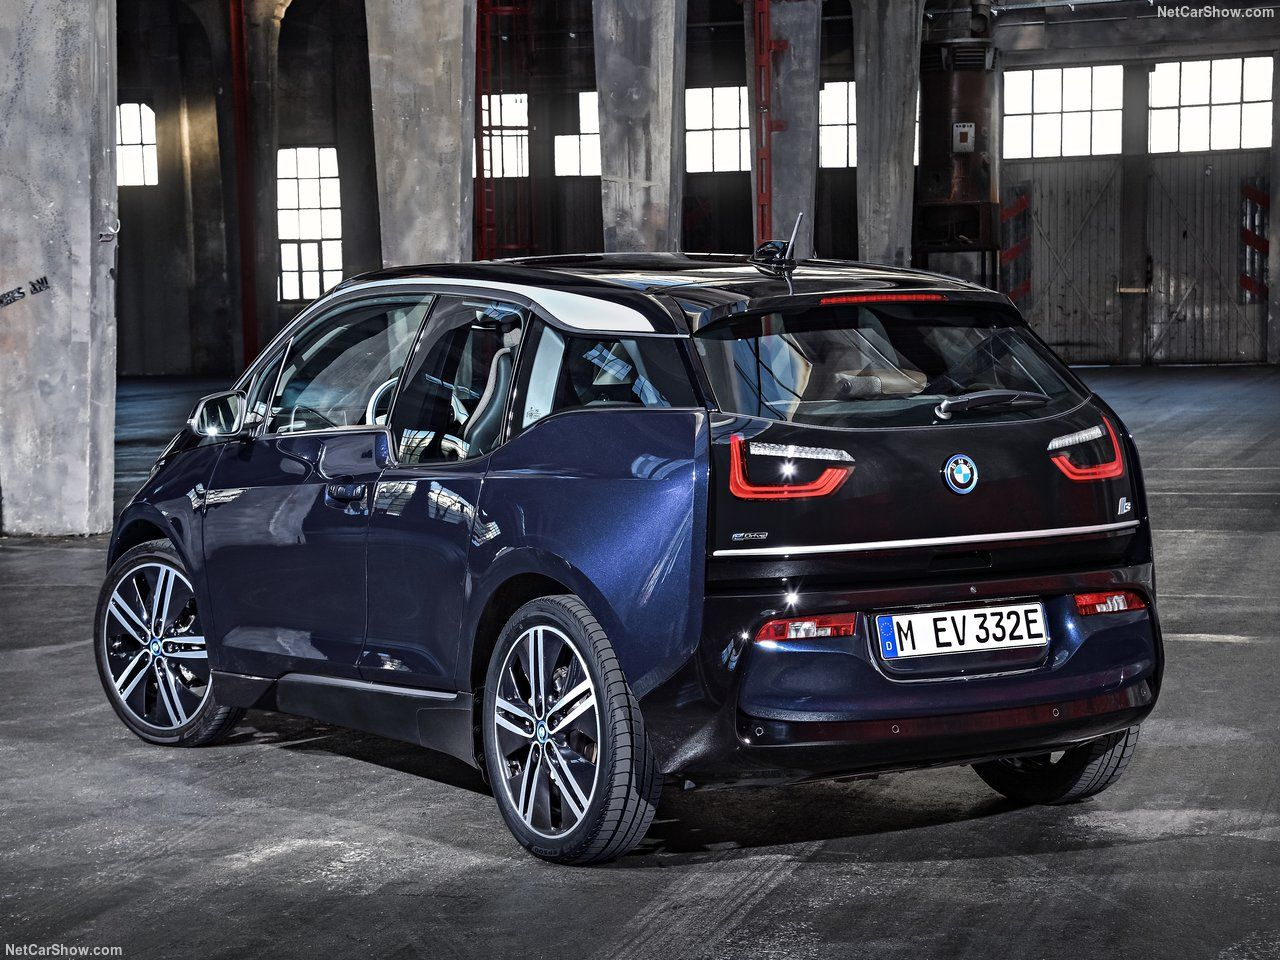 BMW i3 Bmw i3, Bmw electric car, Bmw